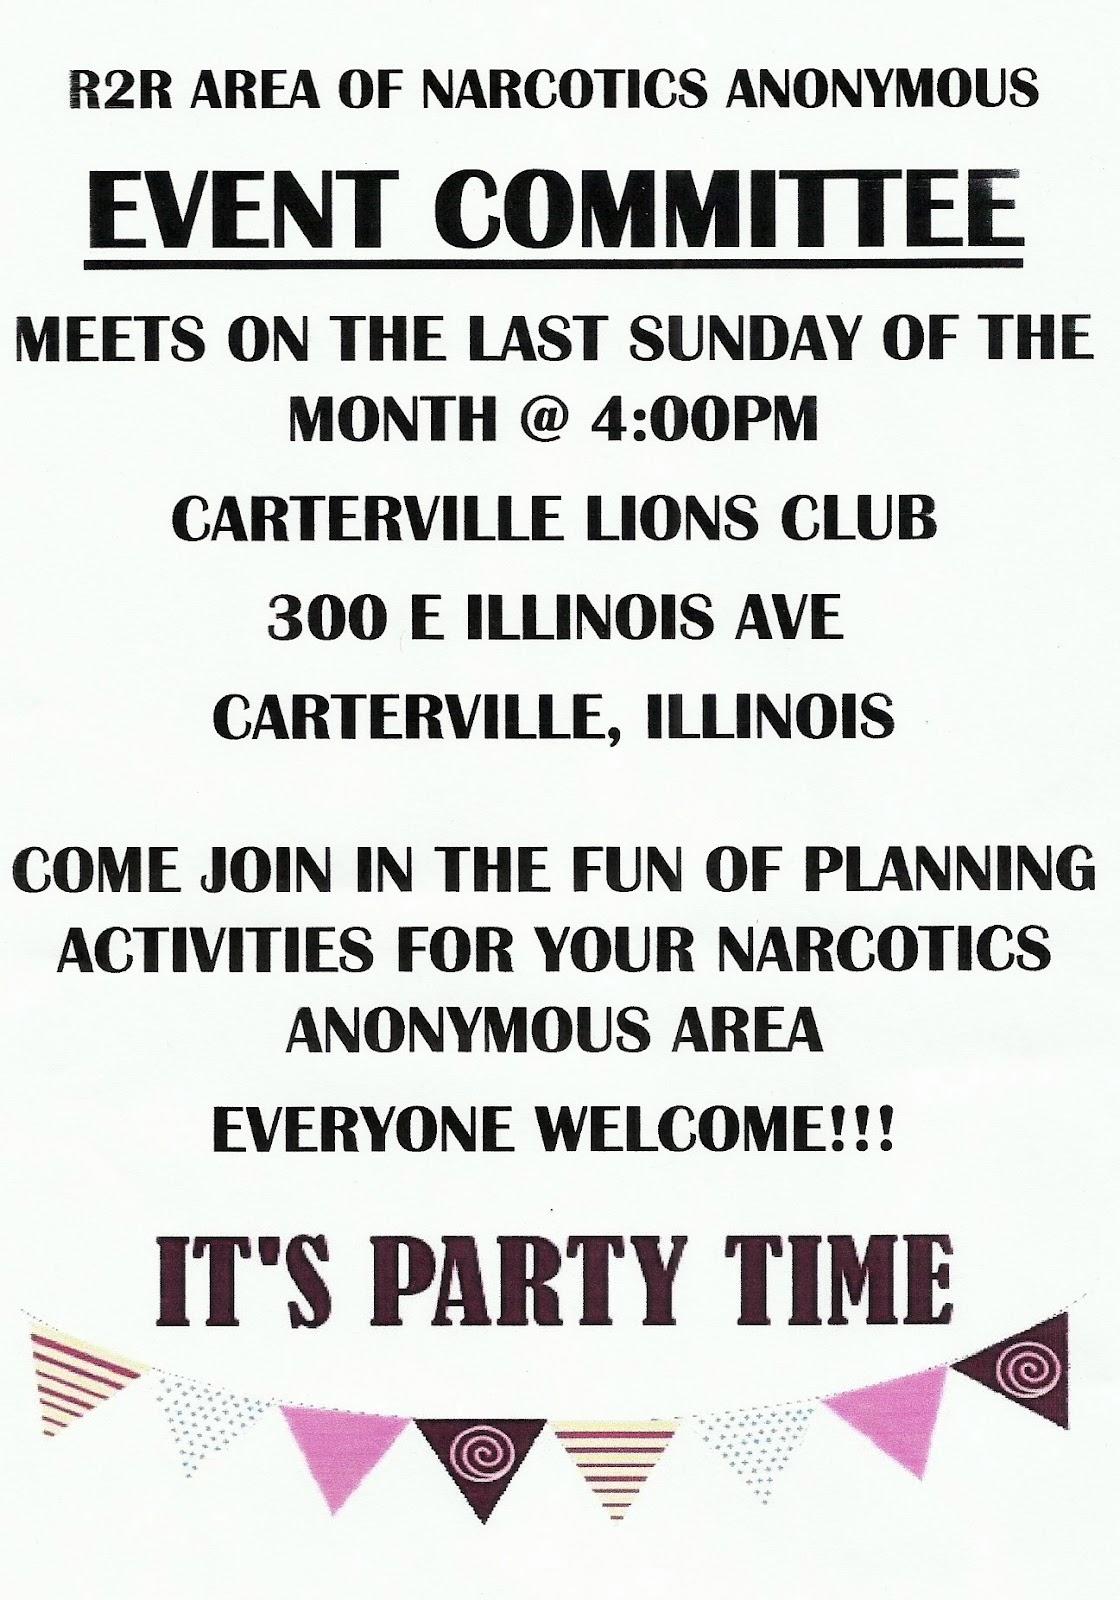 Event Committee Flyer 5.3.17.jpg